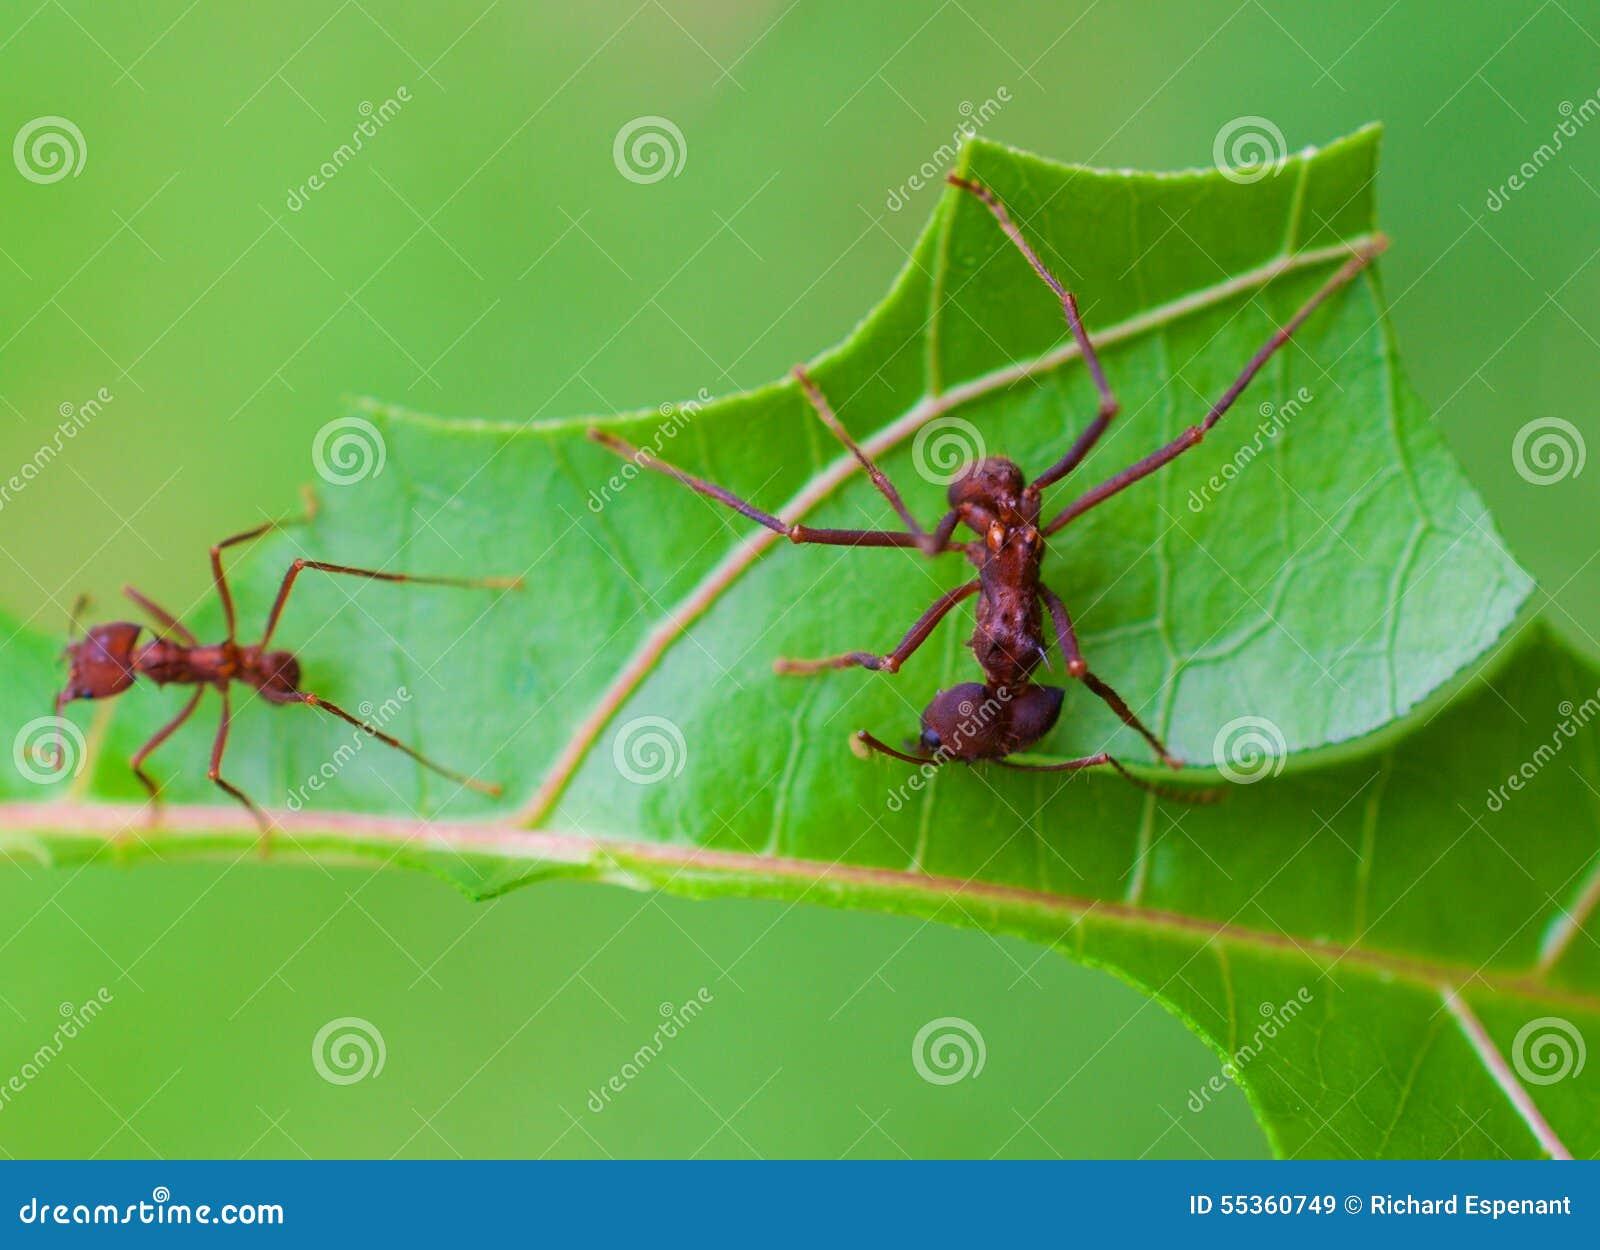 Taglio della formica della taglierina della foglia